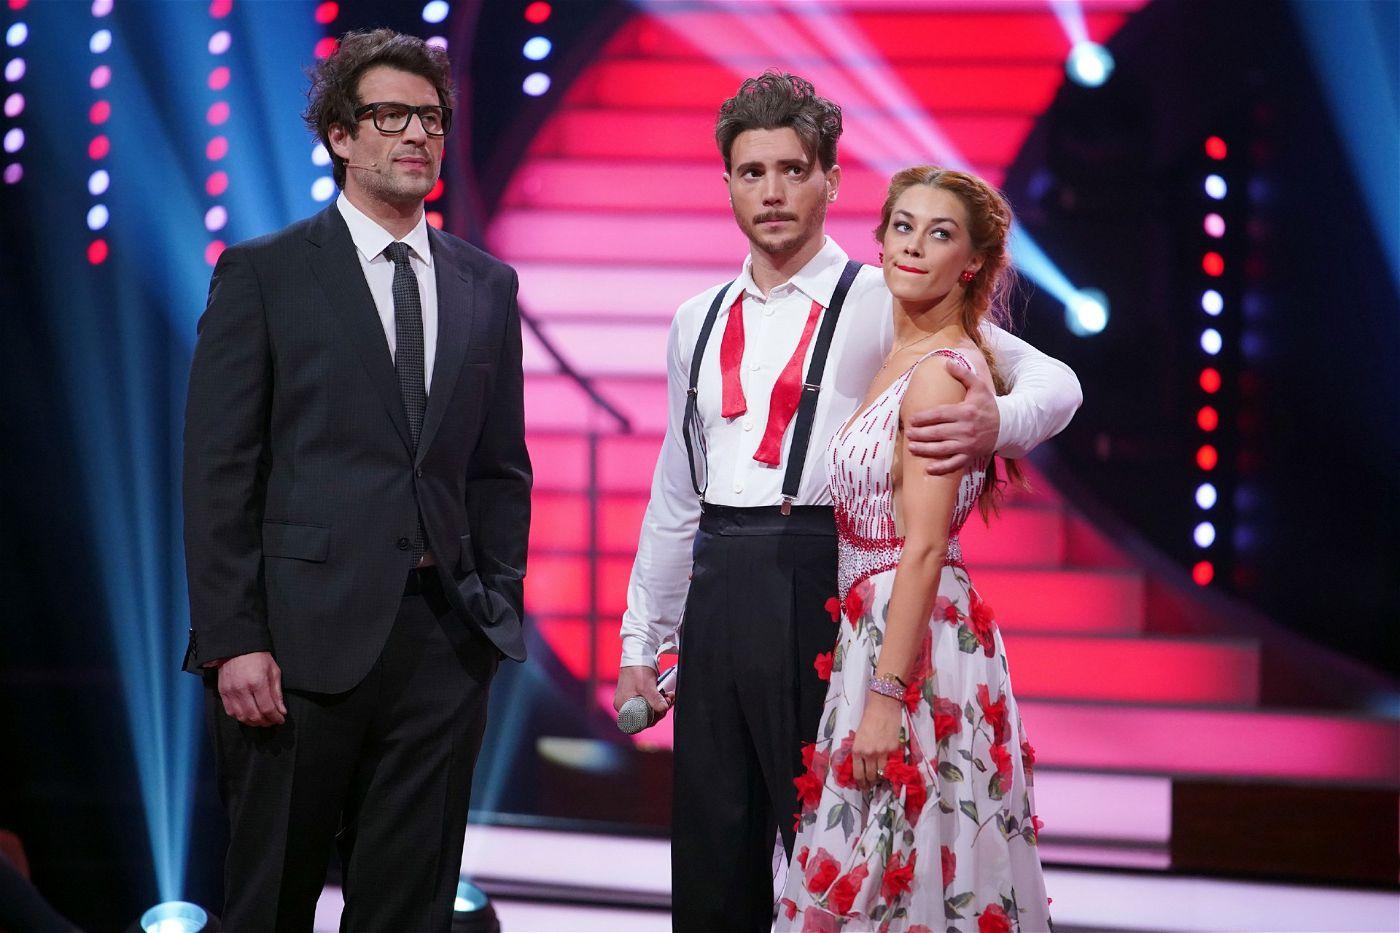 """Der """"Alles was zählt""""-Star bat anschließend darum, den Tanz nach einer Pause noch einmal neu tanzen zu dürfen."""